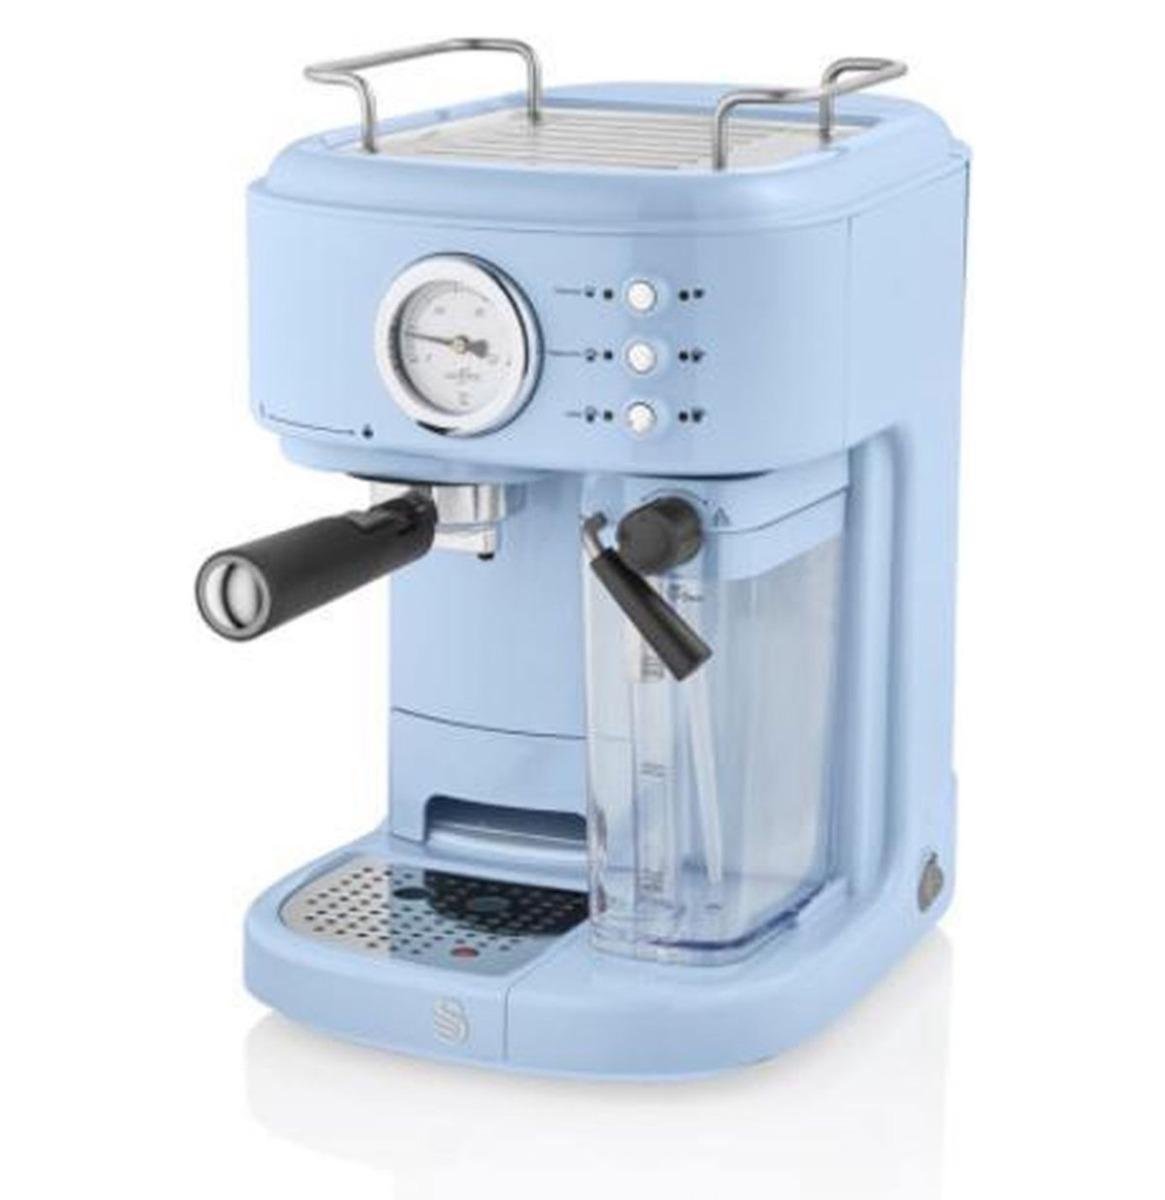 Swan One-Touch Retro Espresso Koffie Machine - Blauw